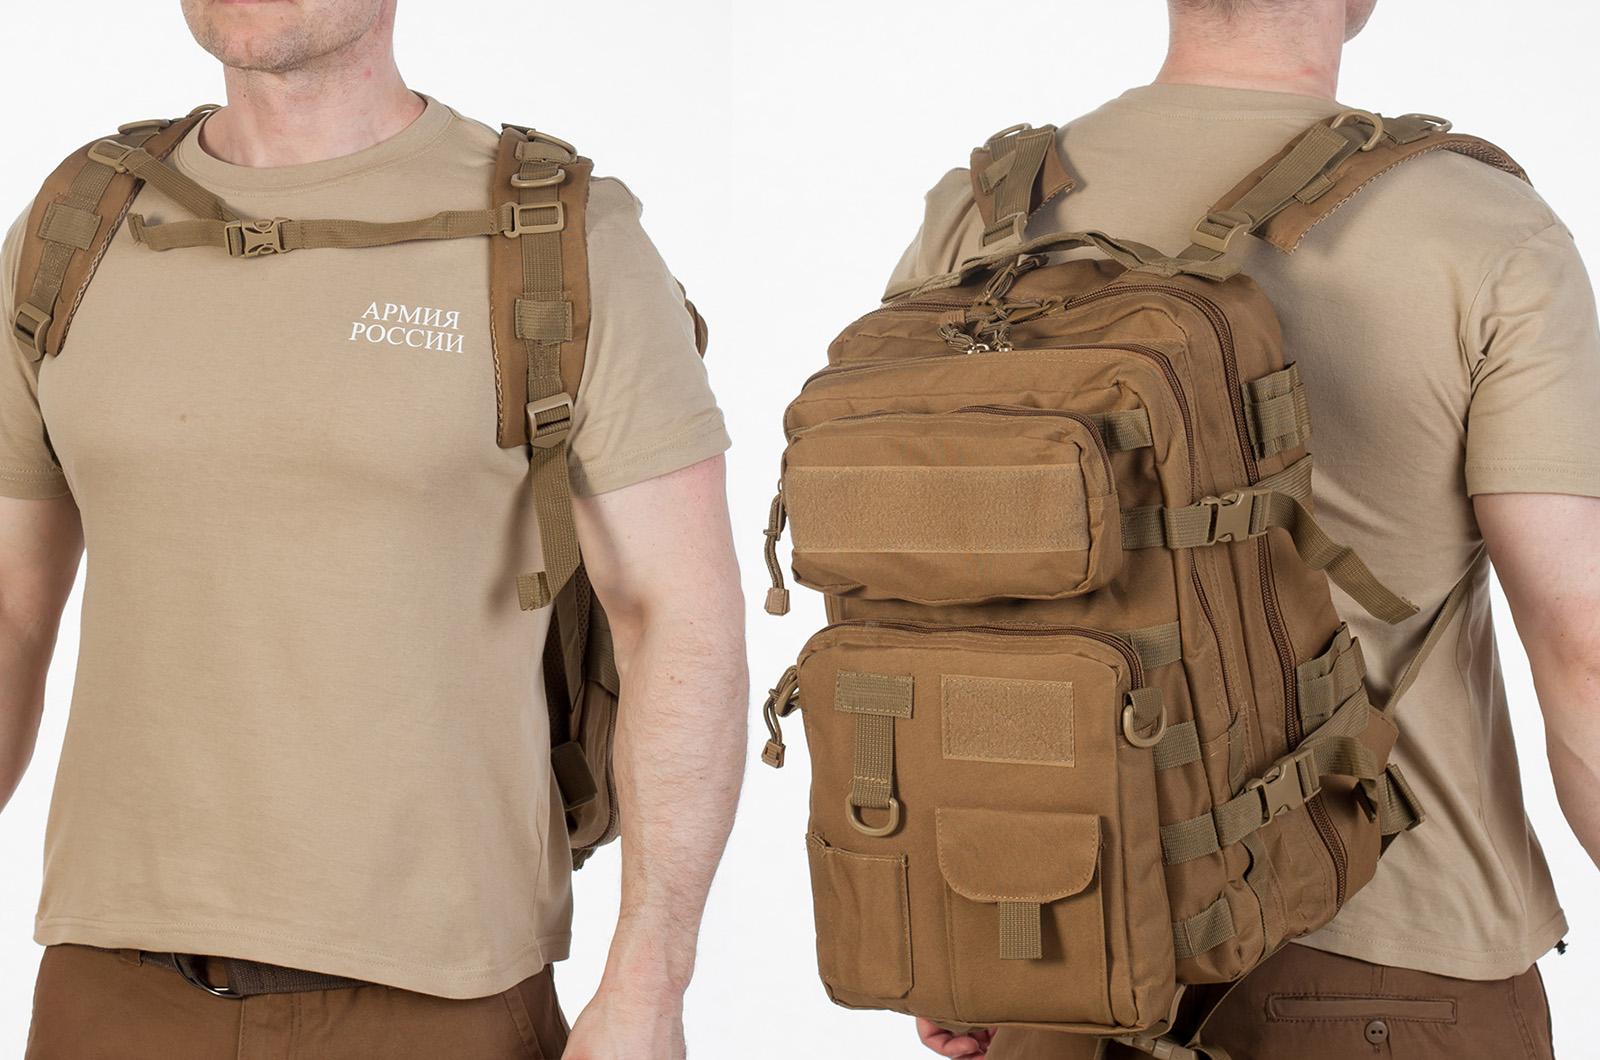 Тактический штурмовой рюкзак с доставкой и самовывозом